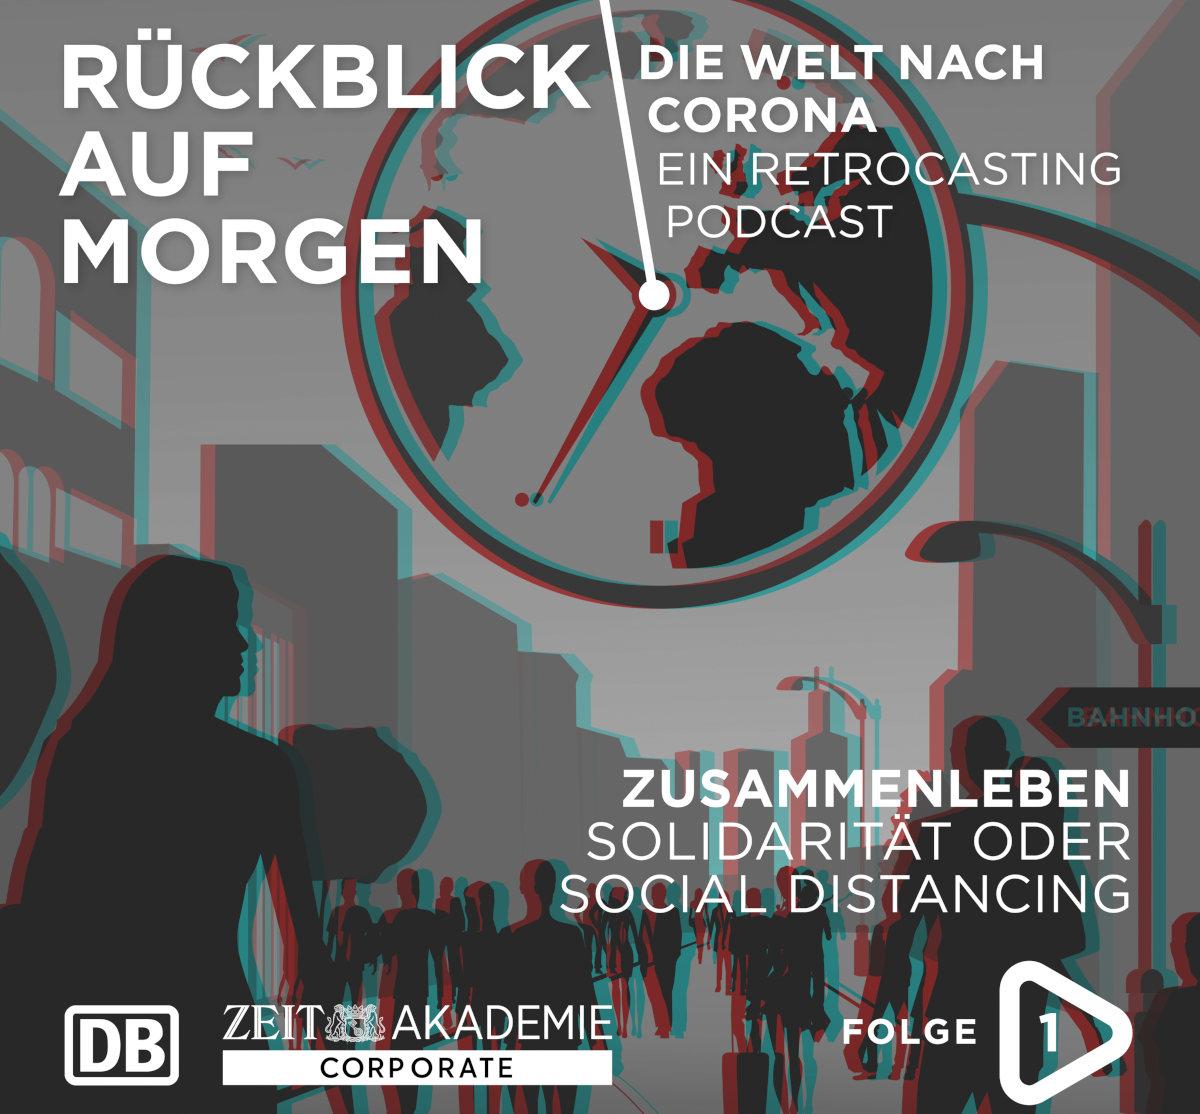 Podcast-Cover von der Deutschen Bahn und der ZEIT Akademie, Rückblick auf morgen – Die Welt nach Corona